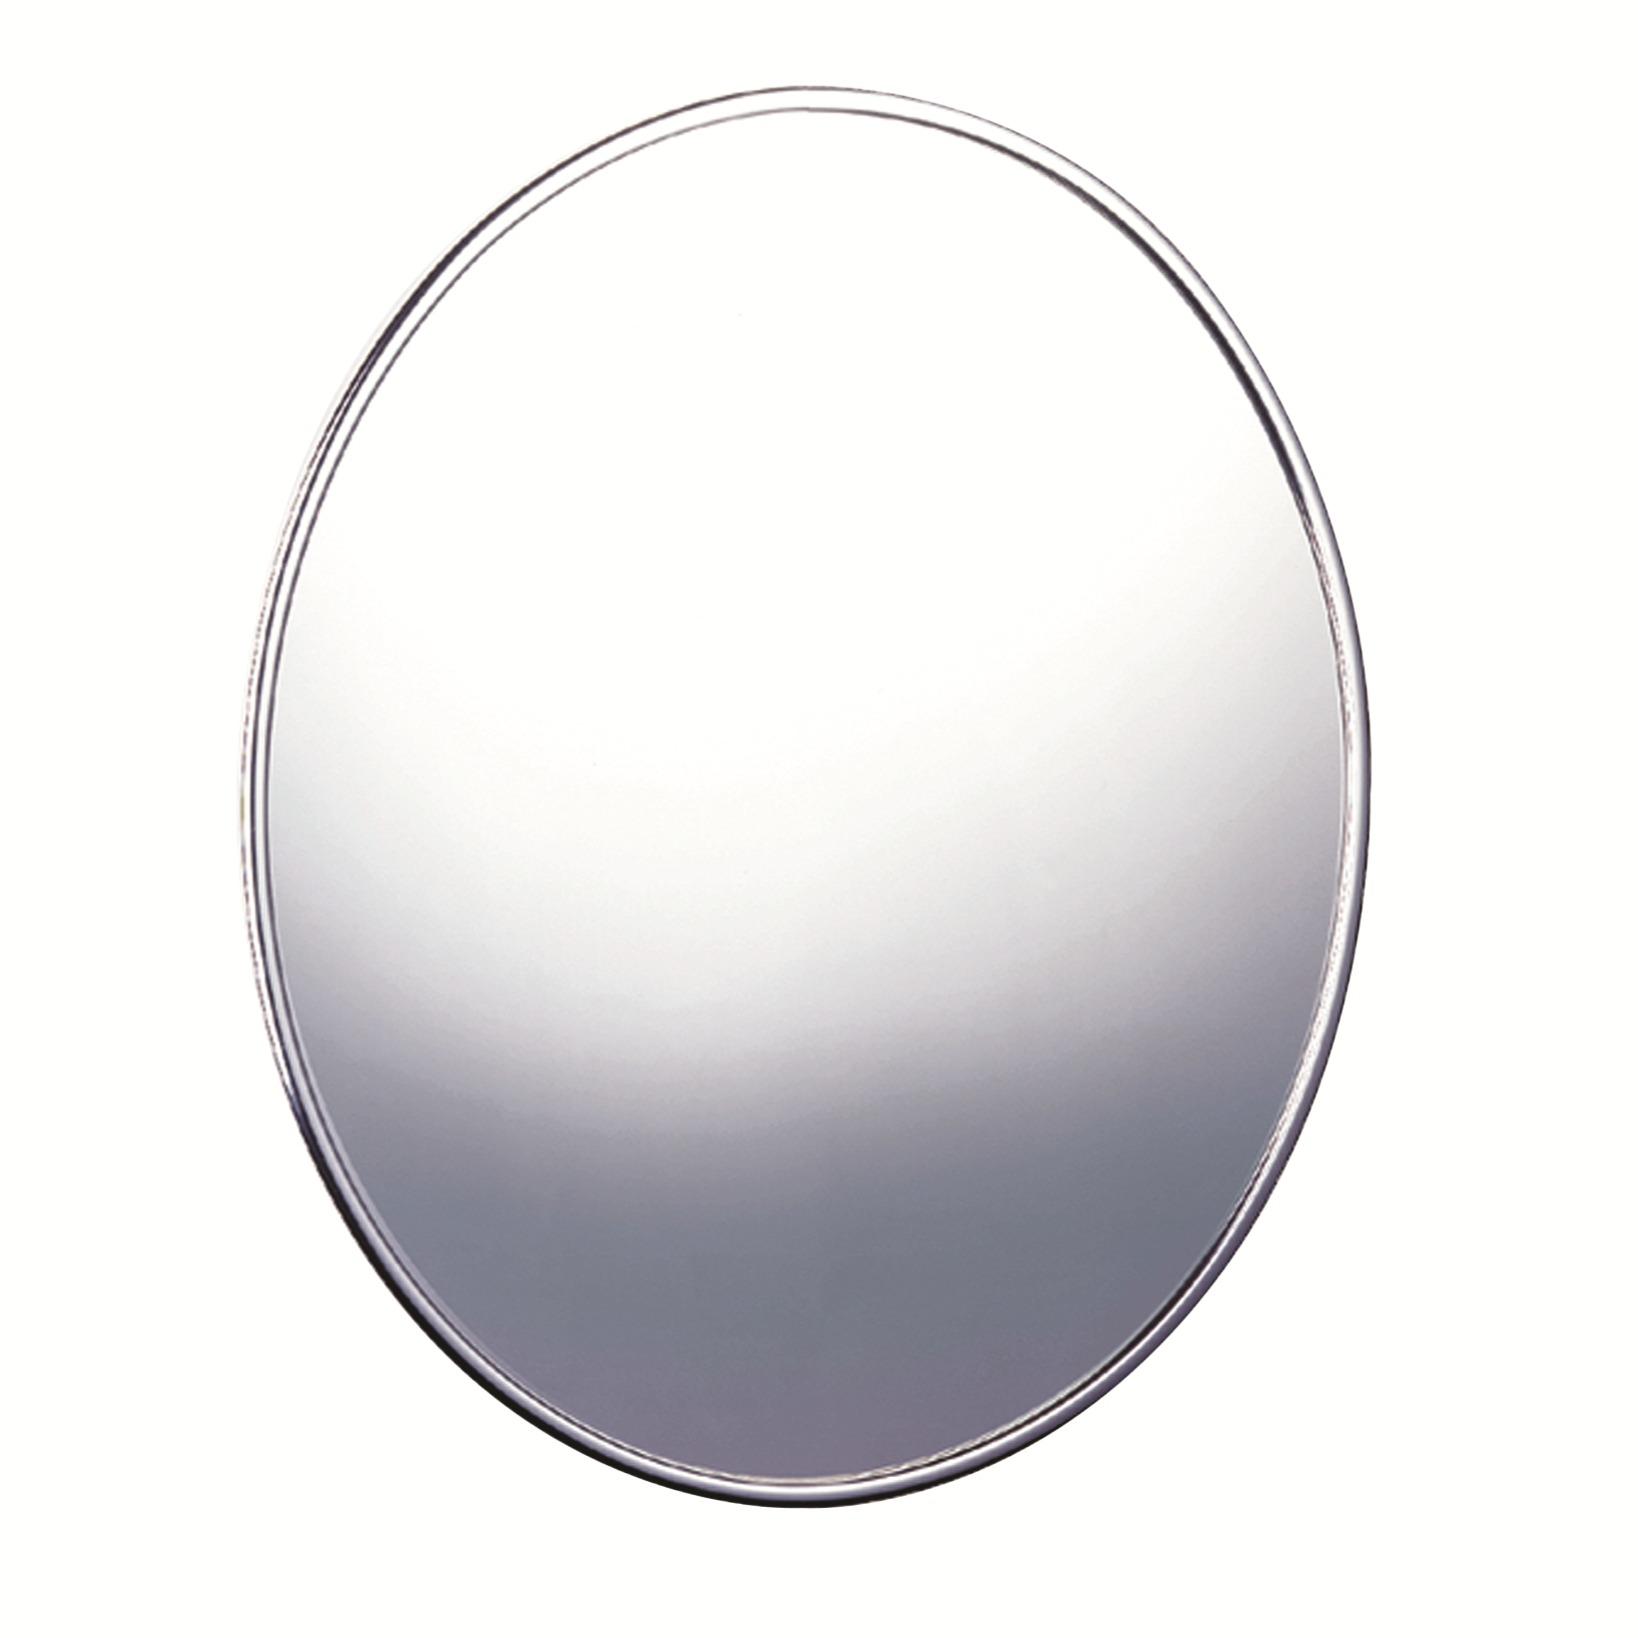 Espelho Para Parede Oval 4mm 575x485 Cm com Moldura - Cris Metal